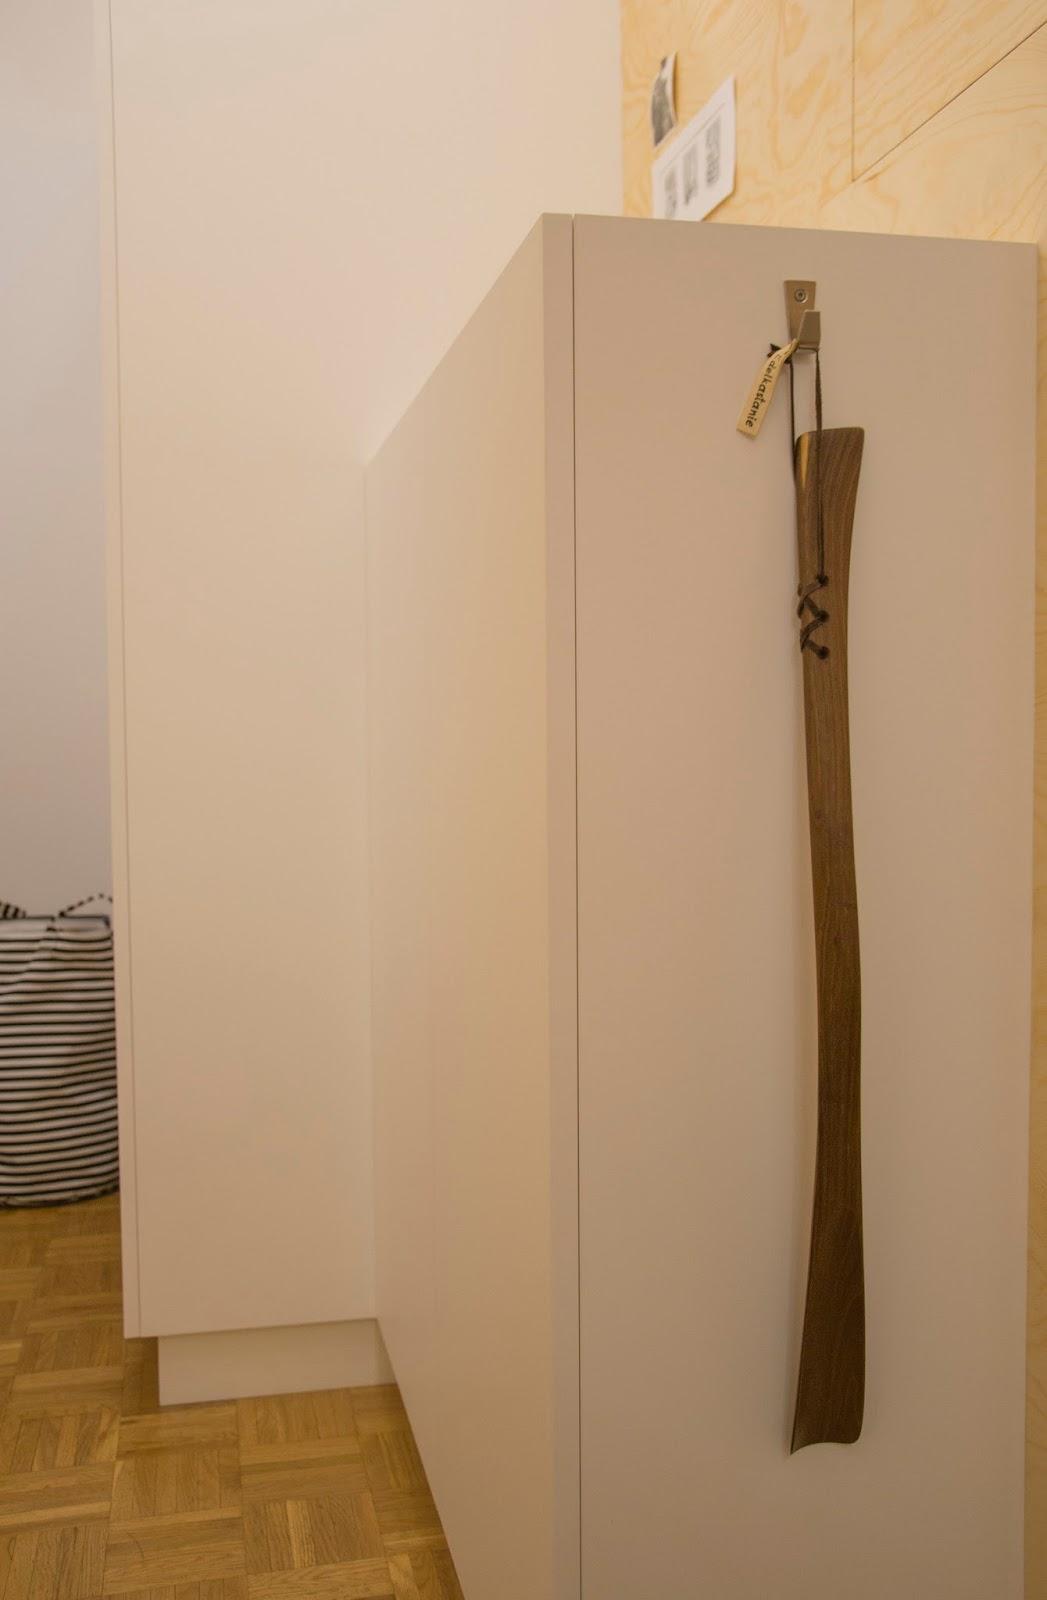 mein daheim interior unser vorraum. Black Bedroom Furniture Sets. Home Design Ideas